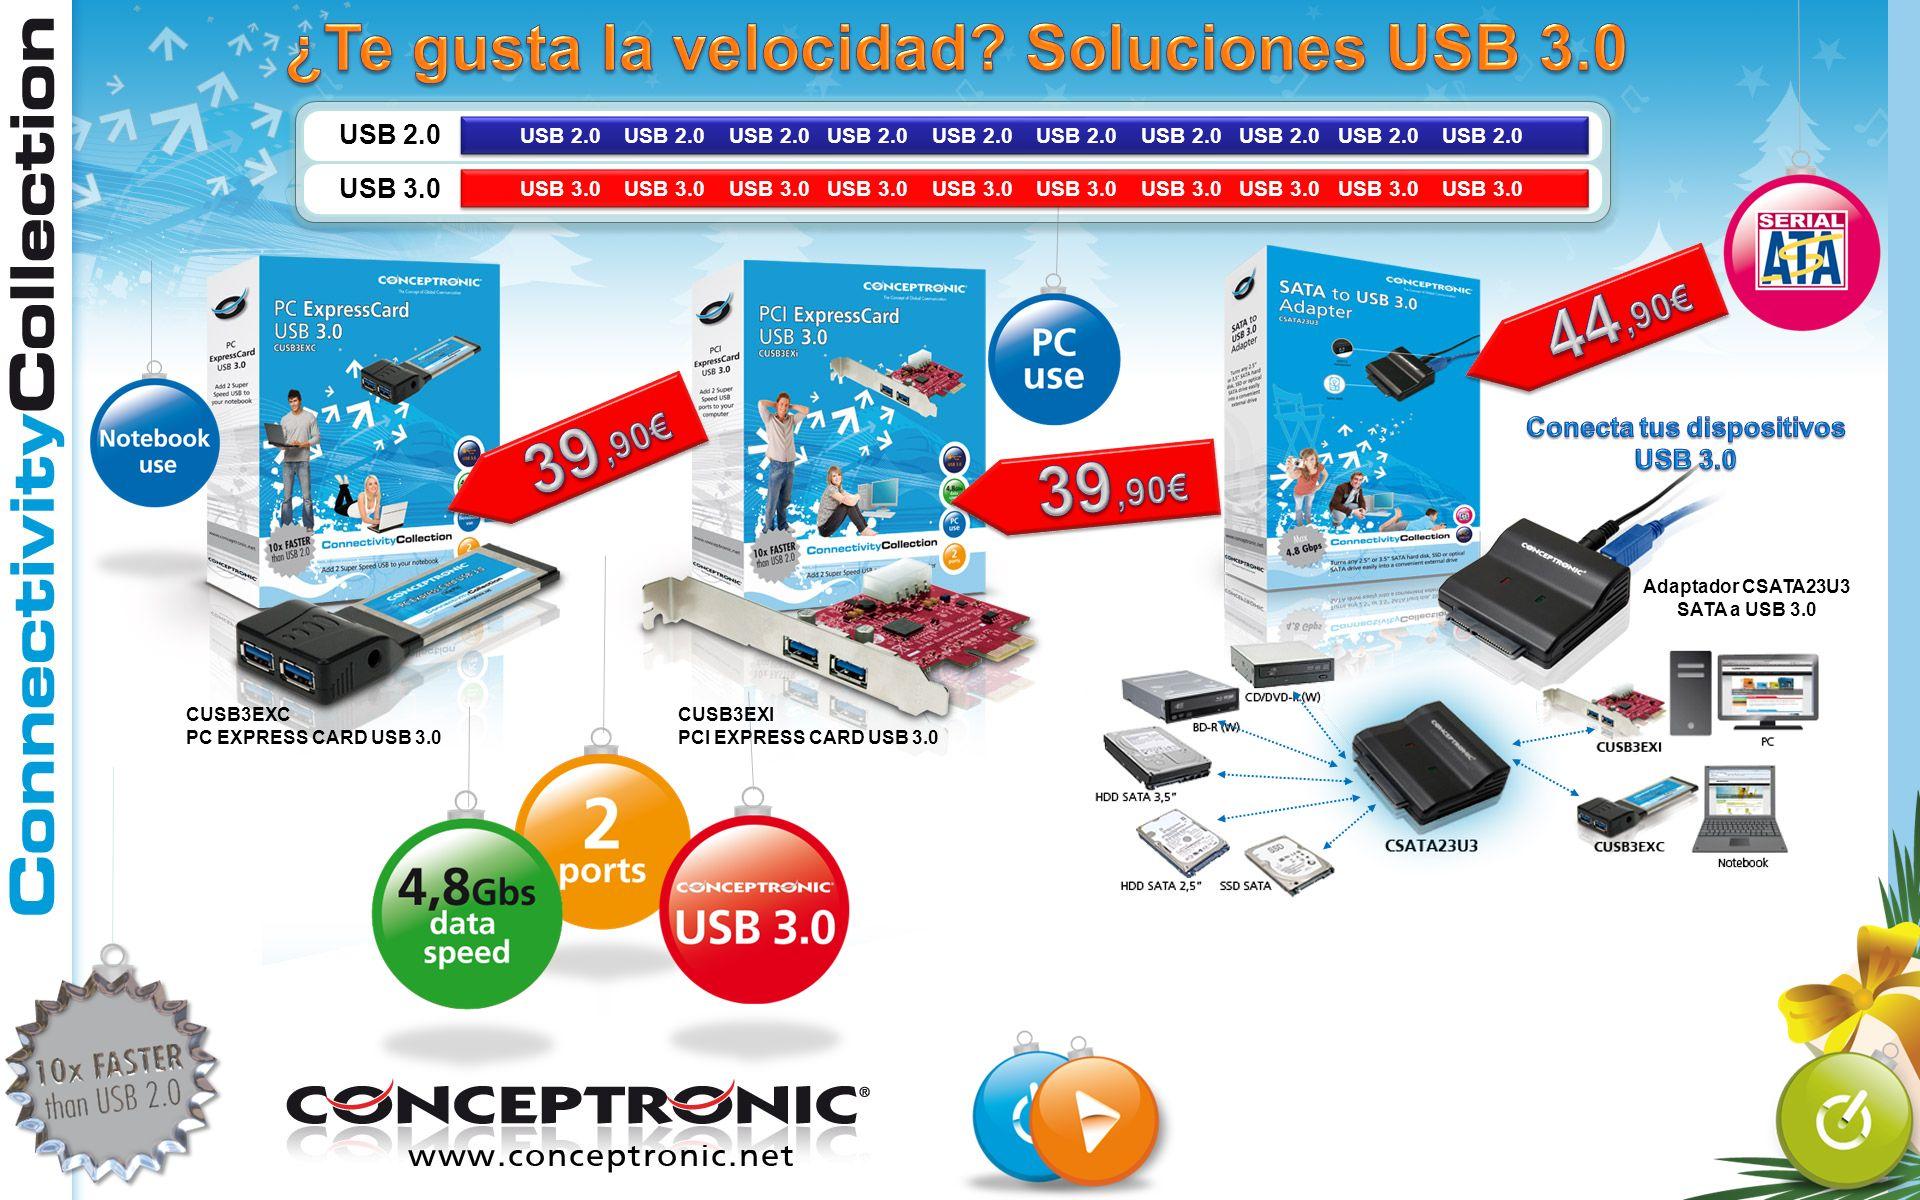 Con el potente pero compacto Power Bank podrás cargar fácilmente tus dispositivos de juego portátiles (PSP), teléfono móvil, reproductor MP3/MP4, iPod/iPhone, ¡y muchos más dispositivos.